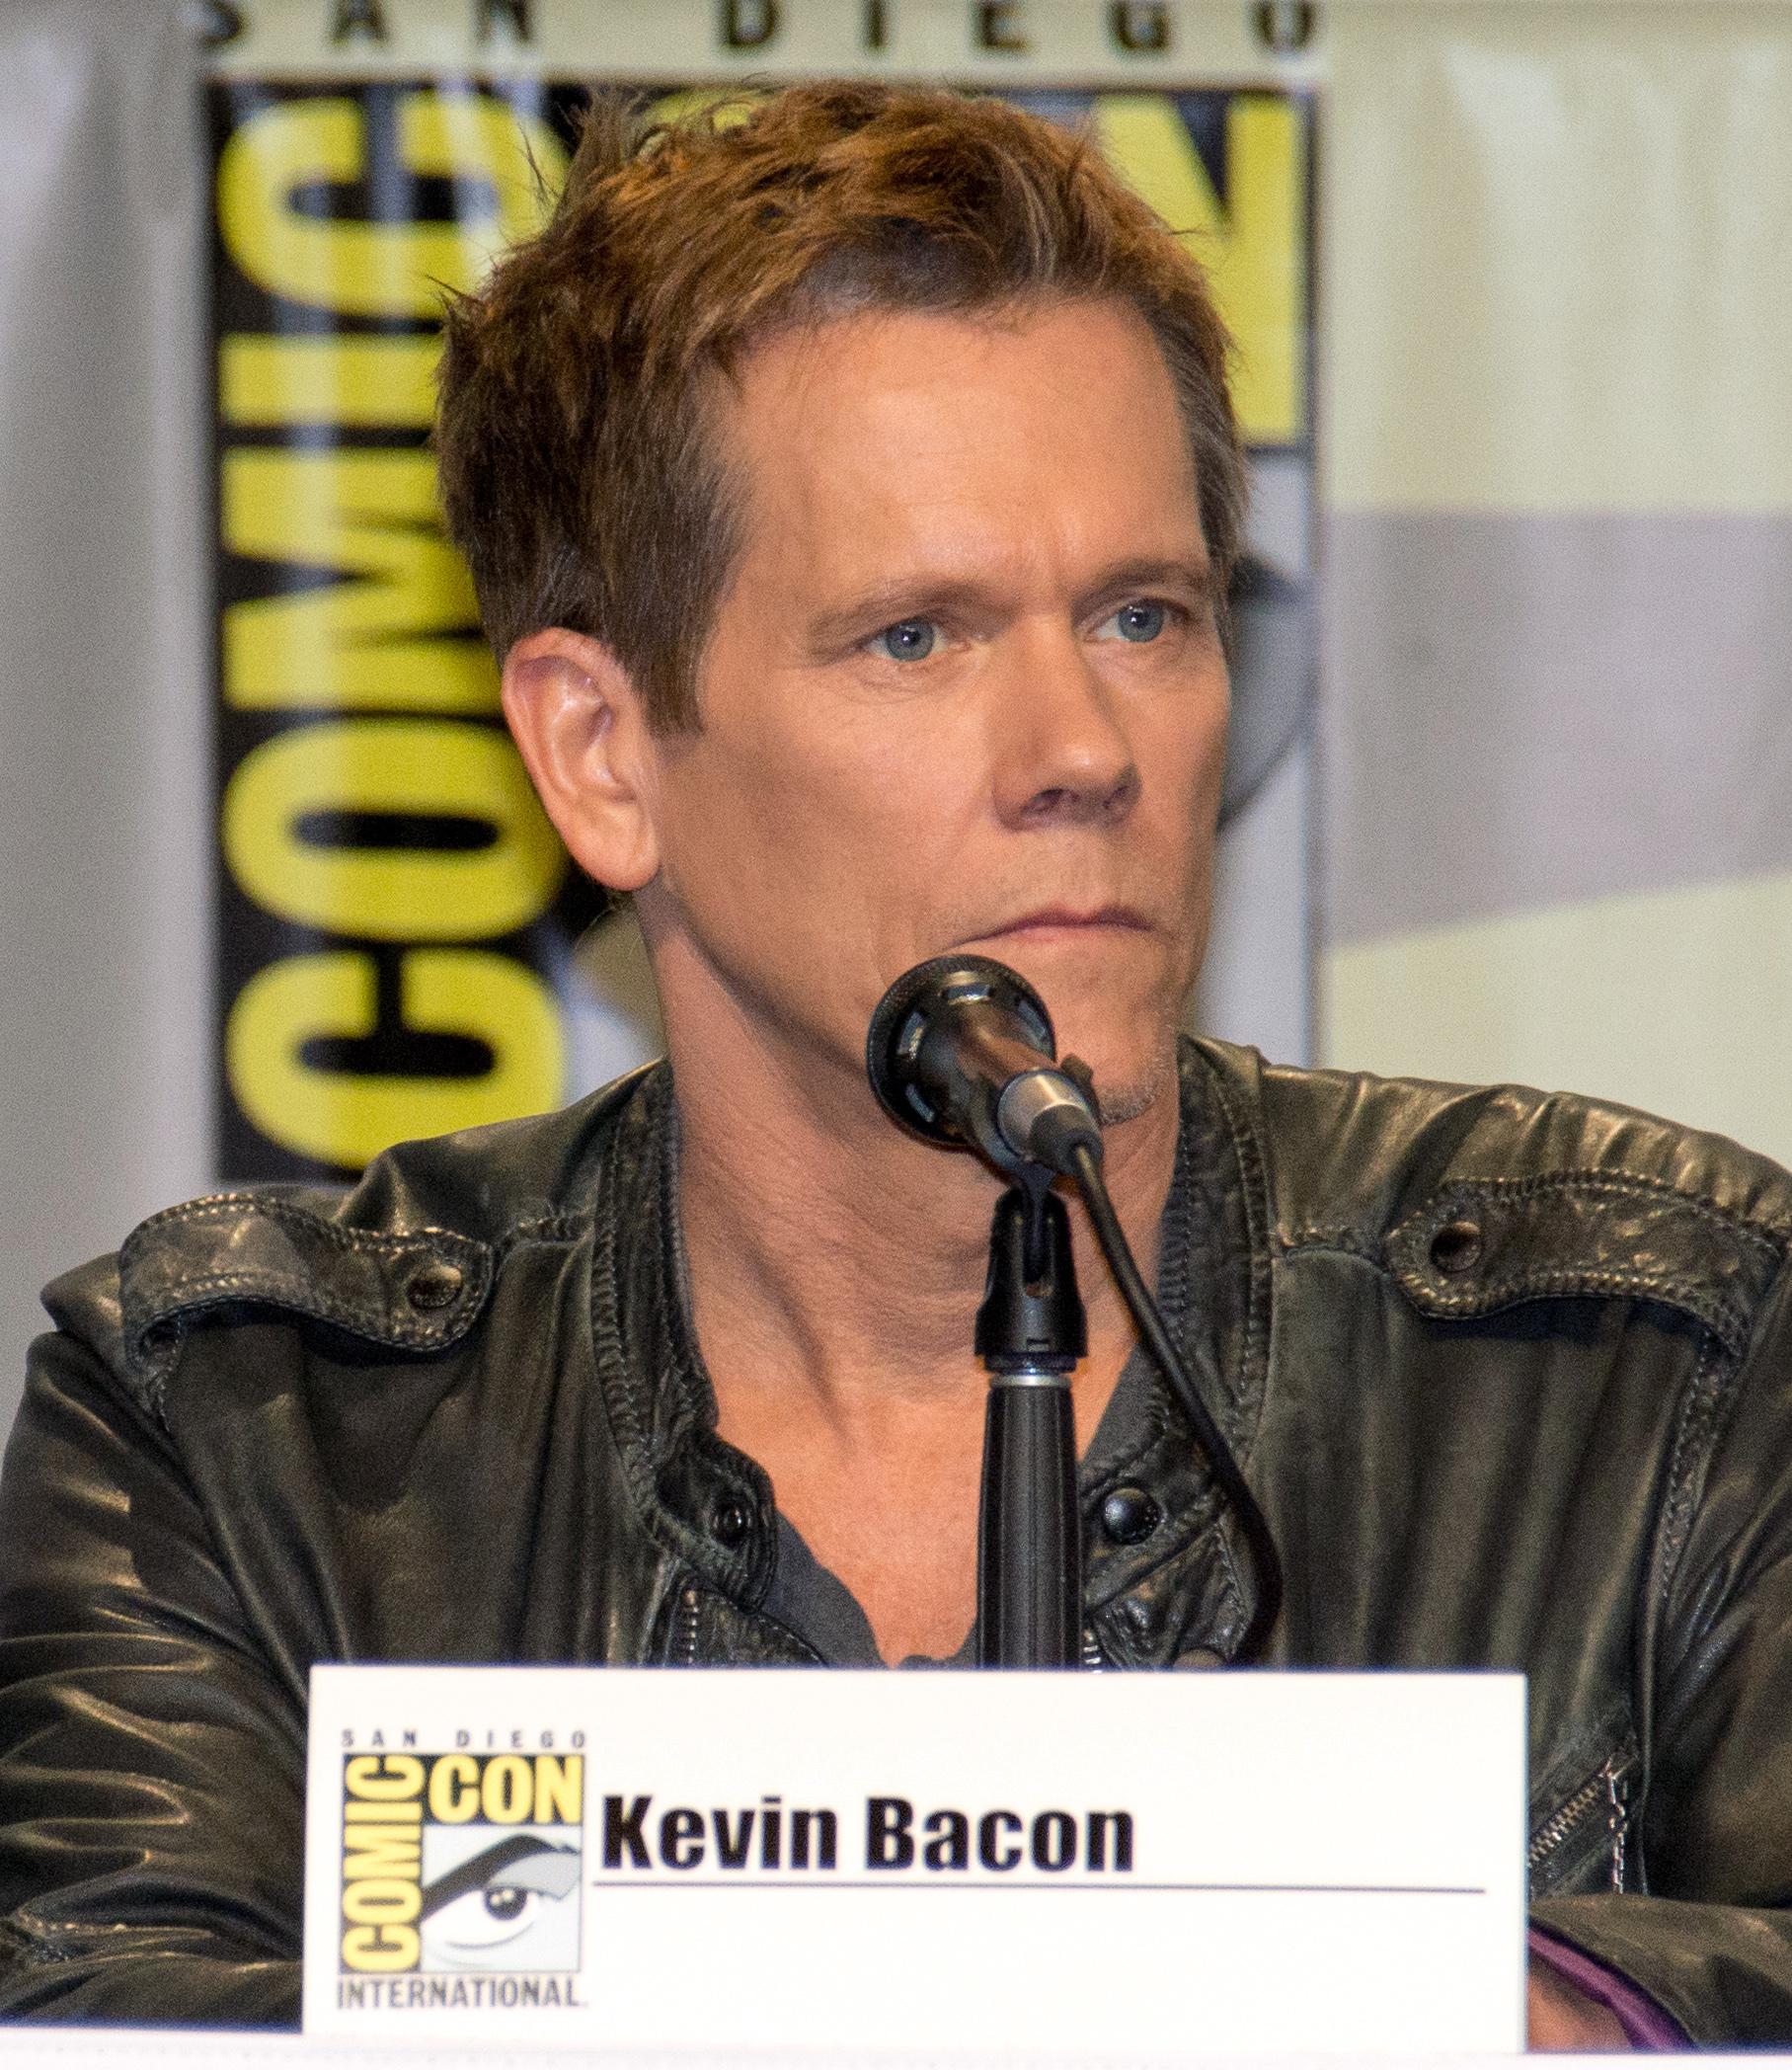 KevinBacon-1